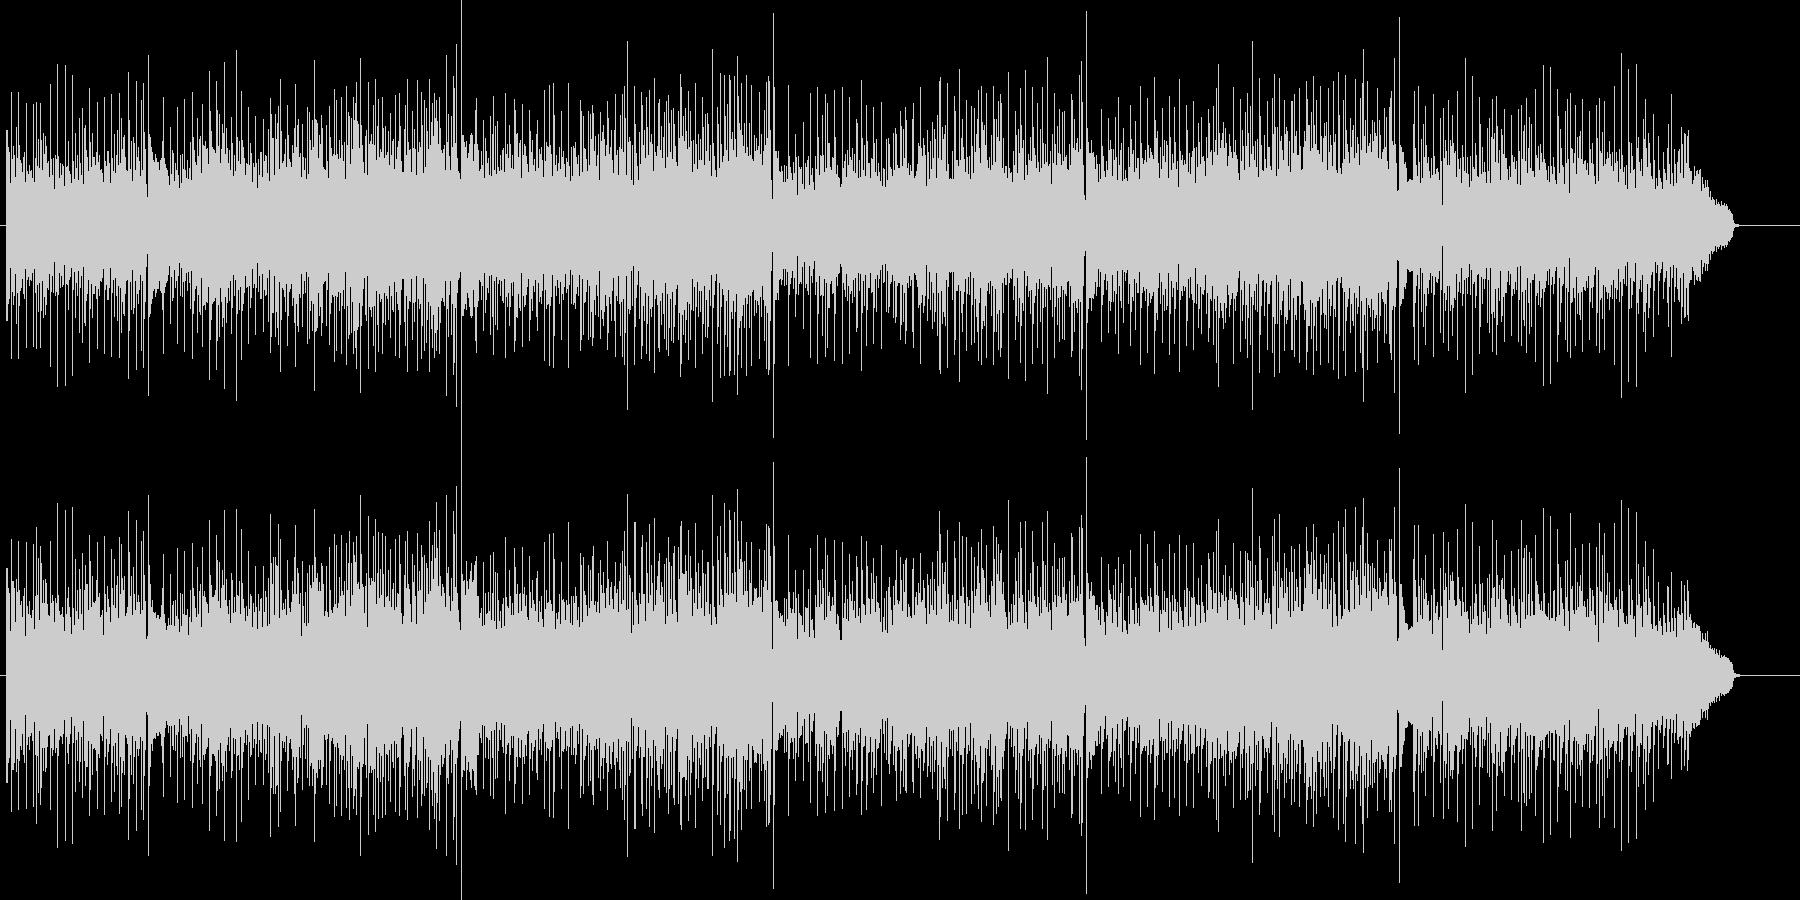 60'sポップス風ボサノヴァアンサンブルの未再生の波形